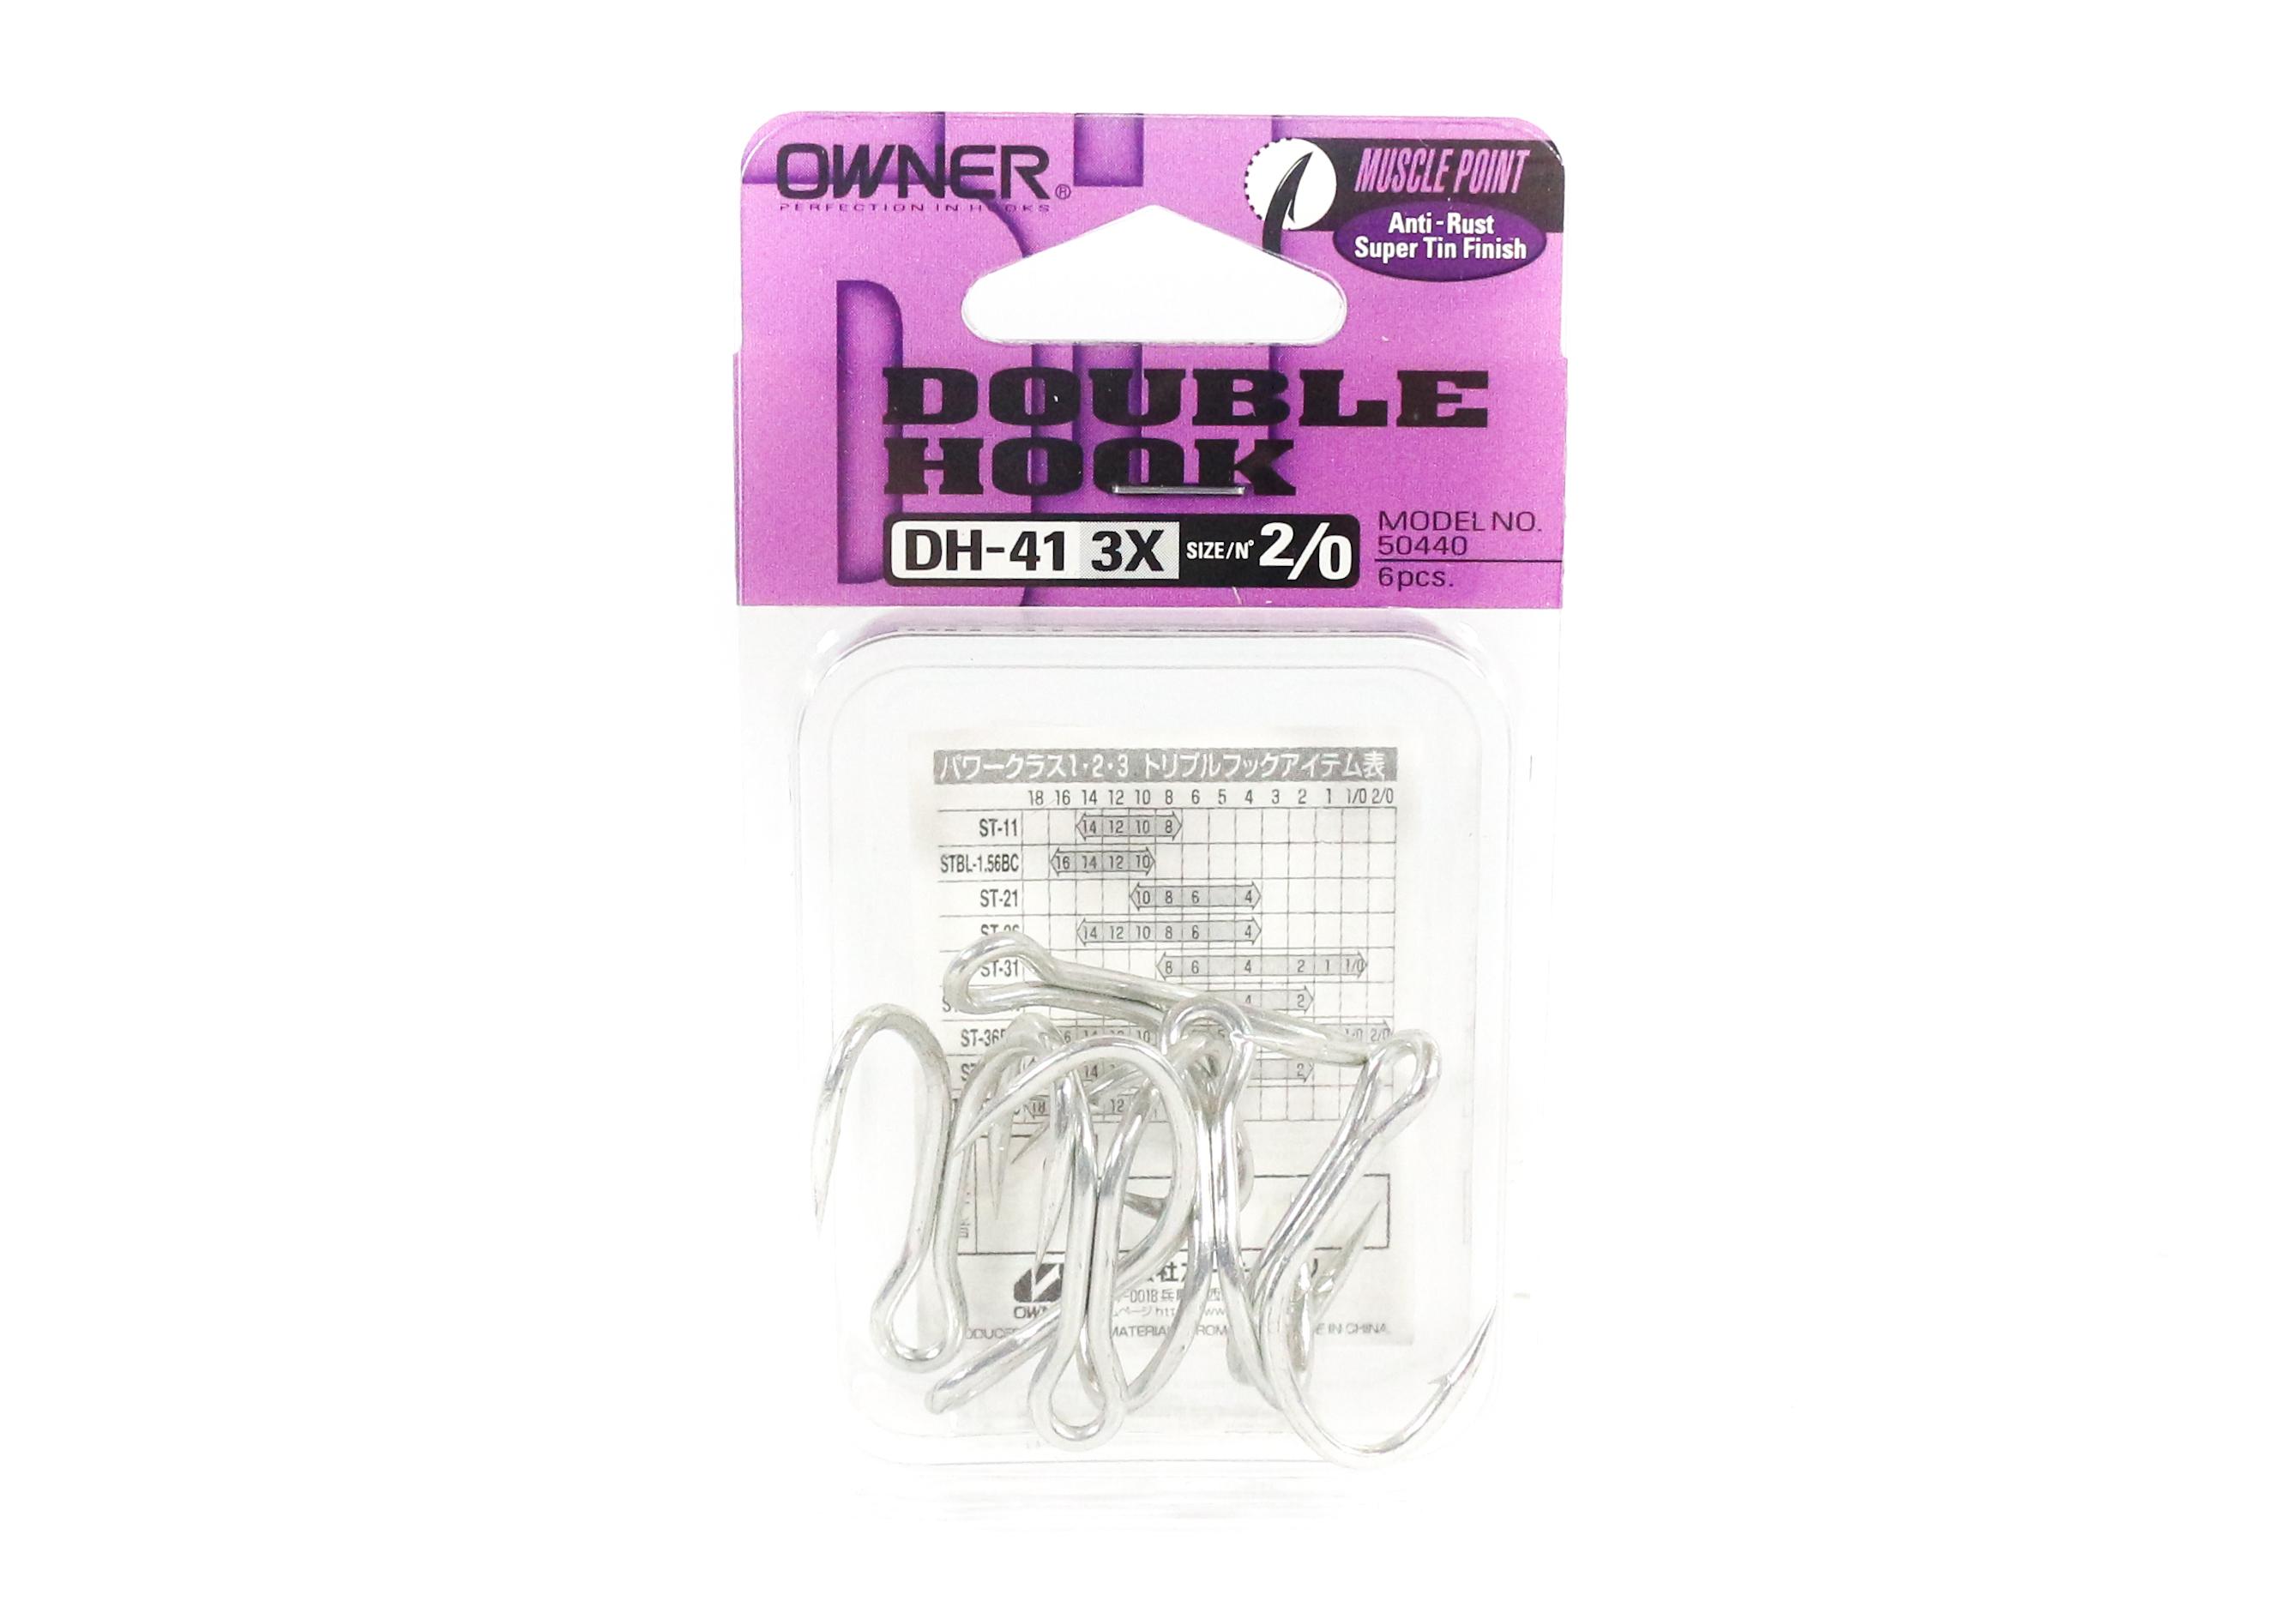 Owner DH-41 3X Double Hook Heavy Duty Size 2/0 (0946)